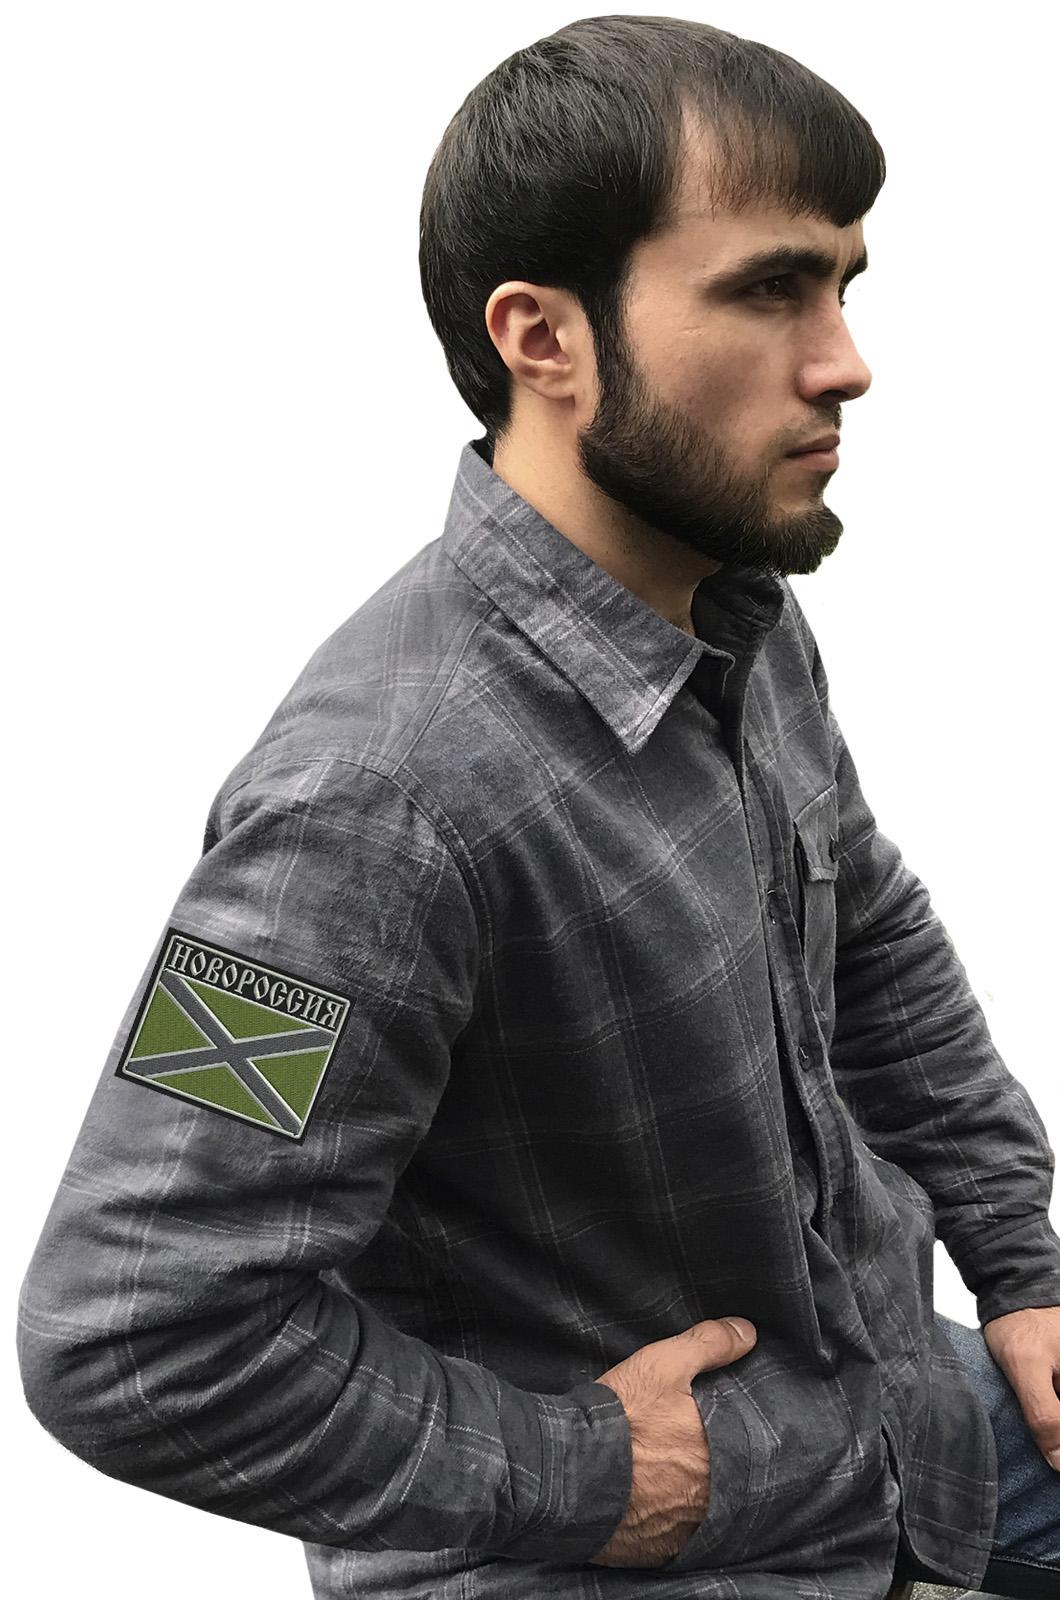 Теплая рубашка с вышитым полевым шевроном Новороссия - заказать с доставкой